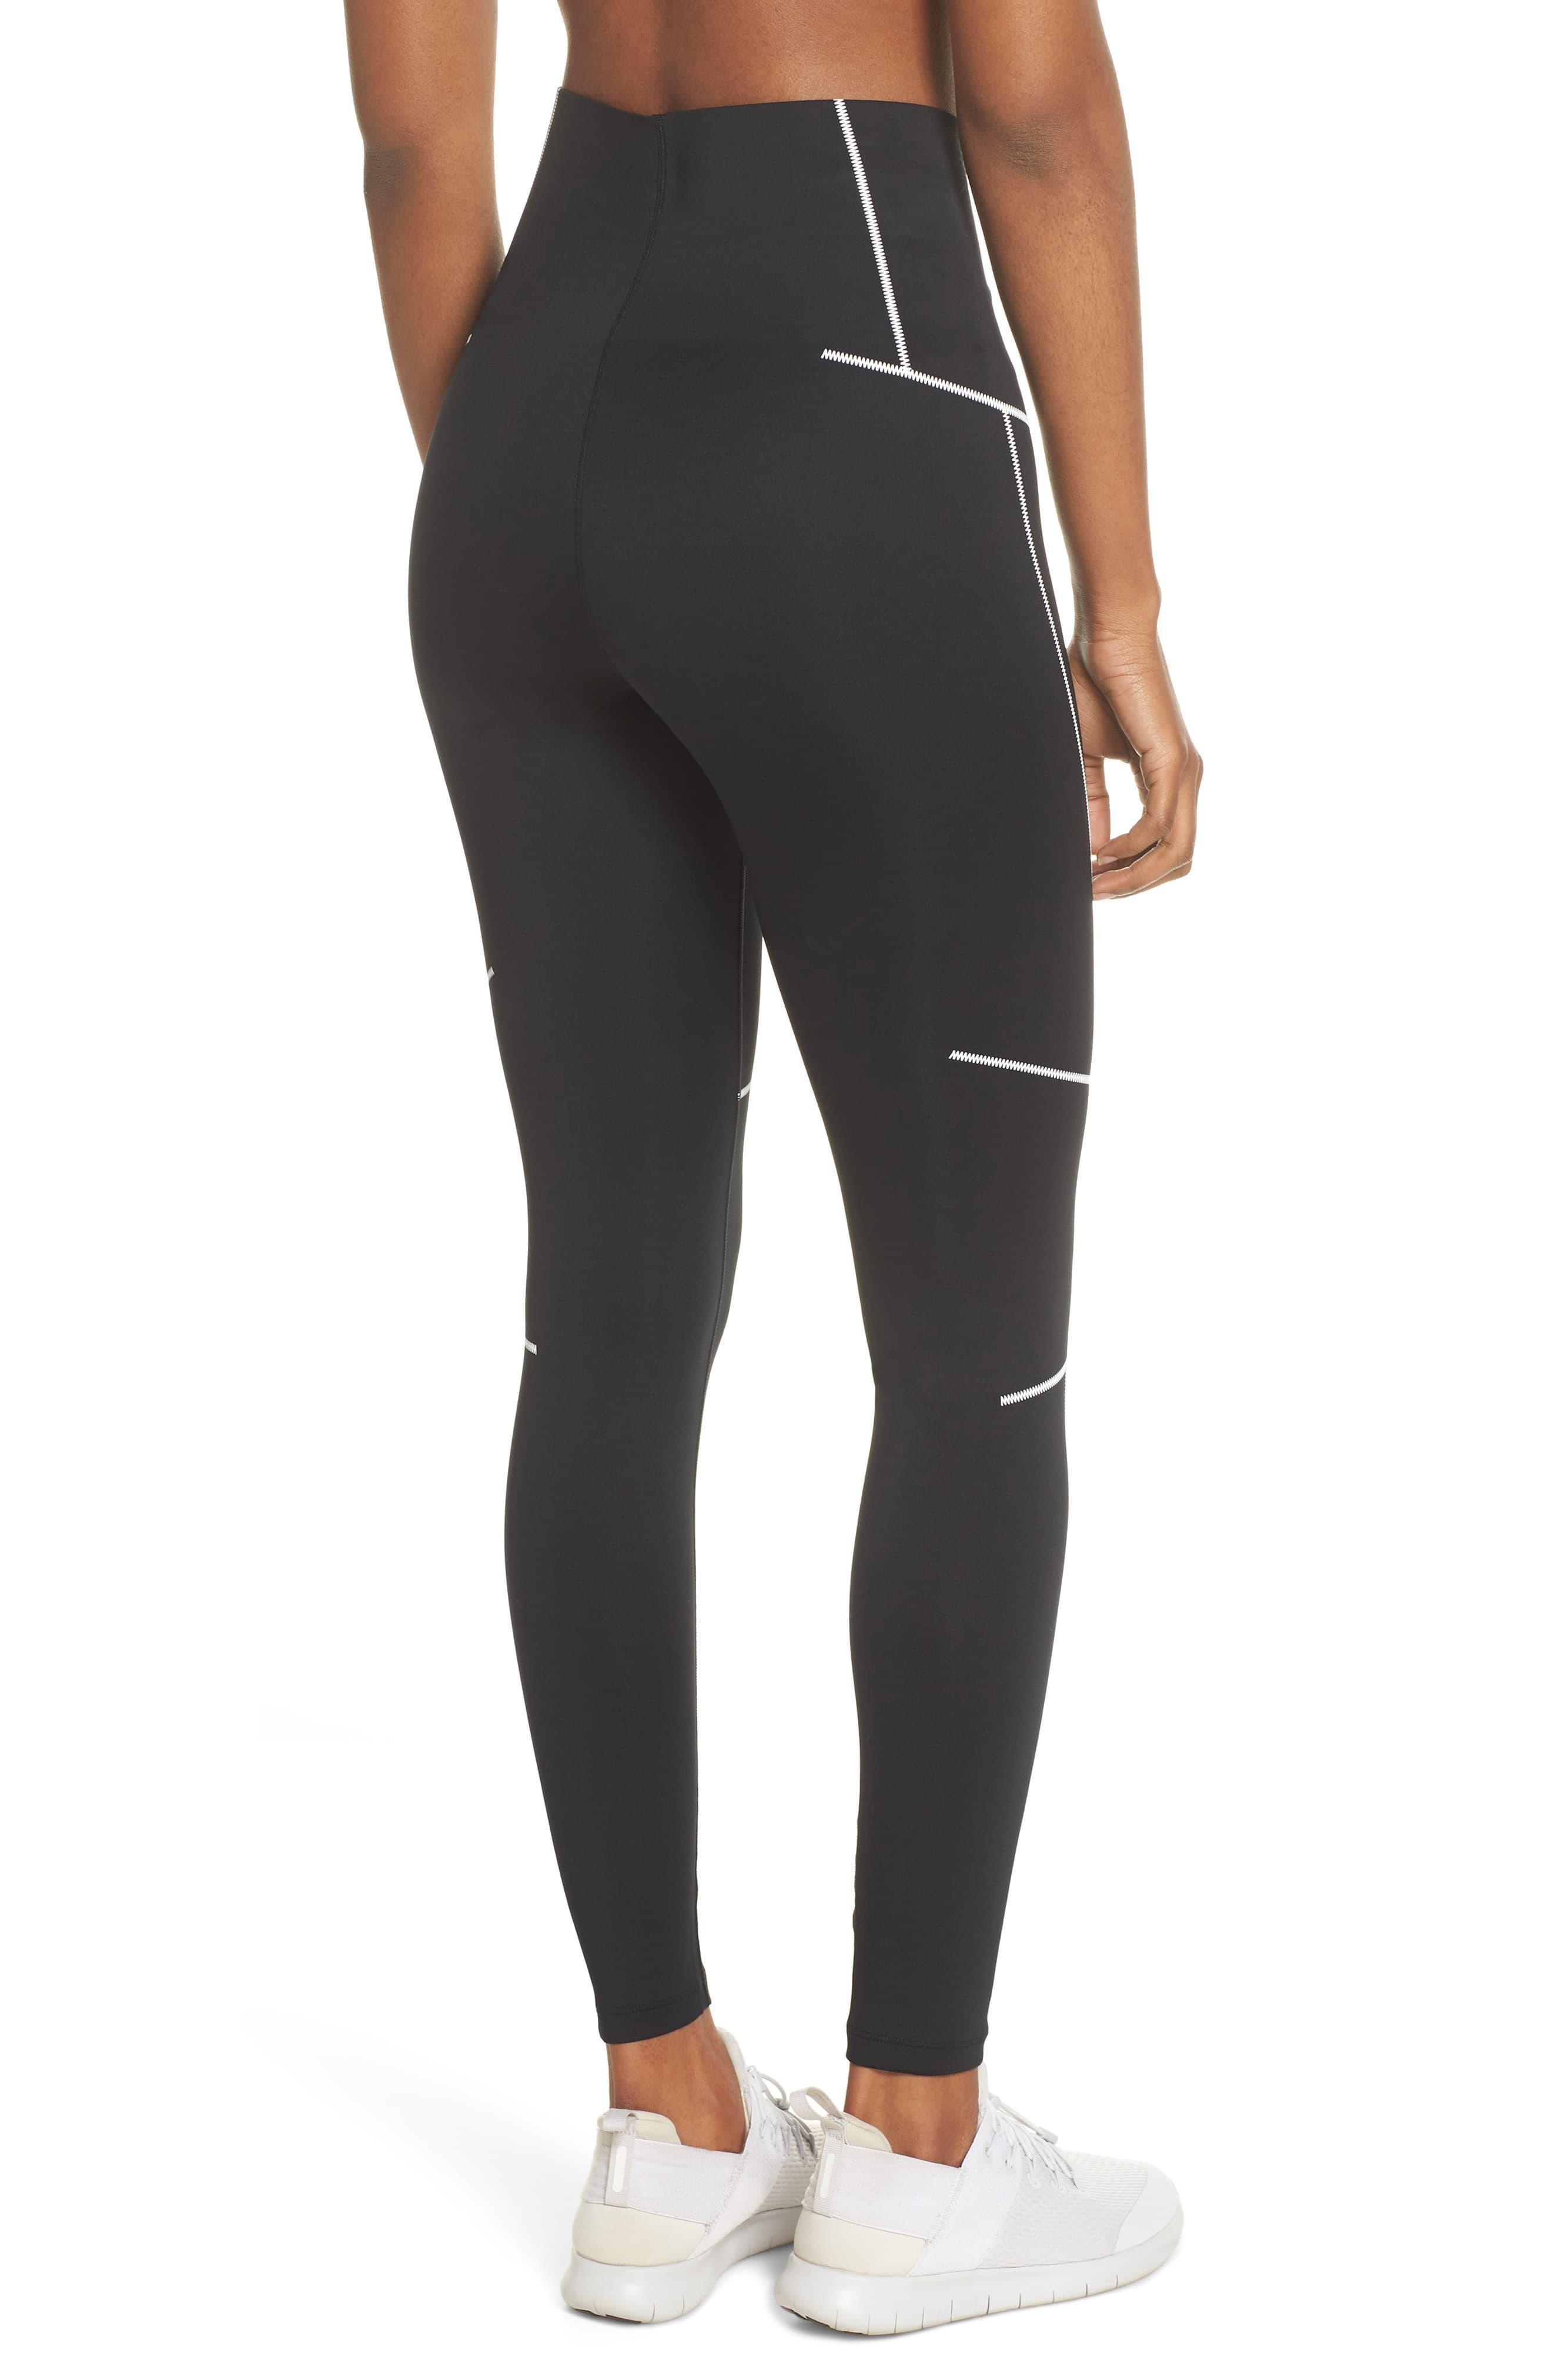 Nike Zigzag Dri-fit Training Tights in